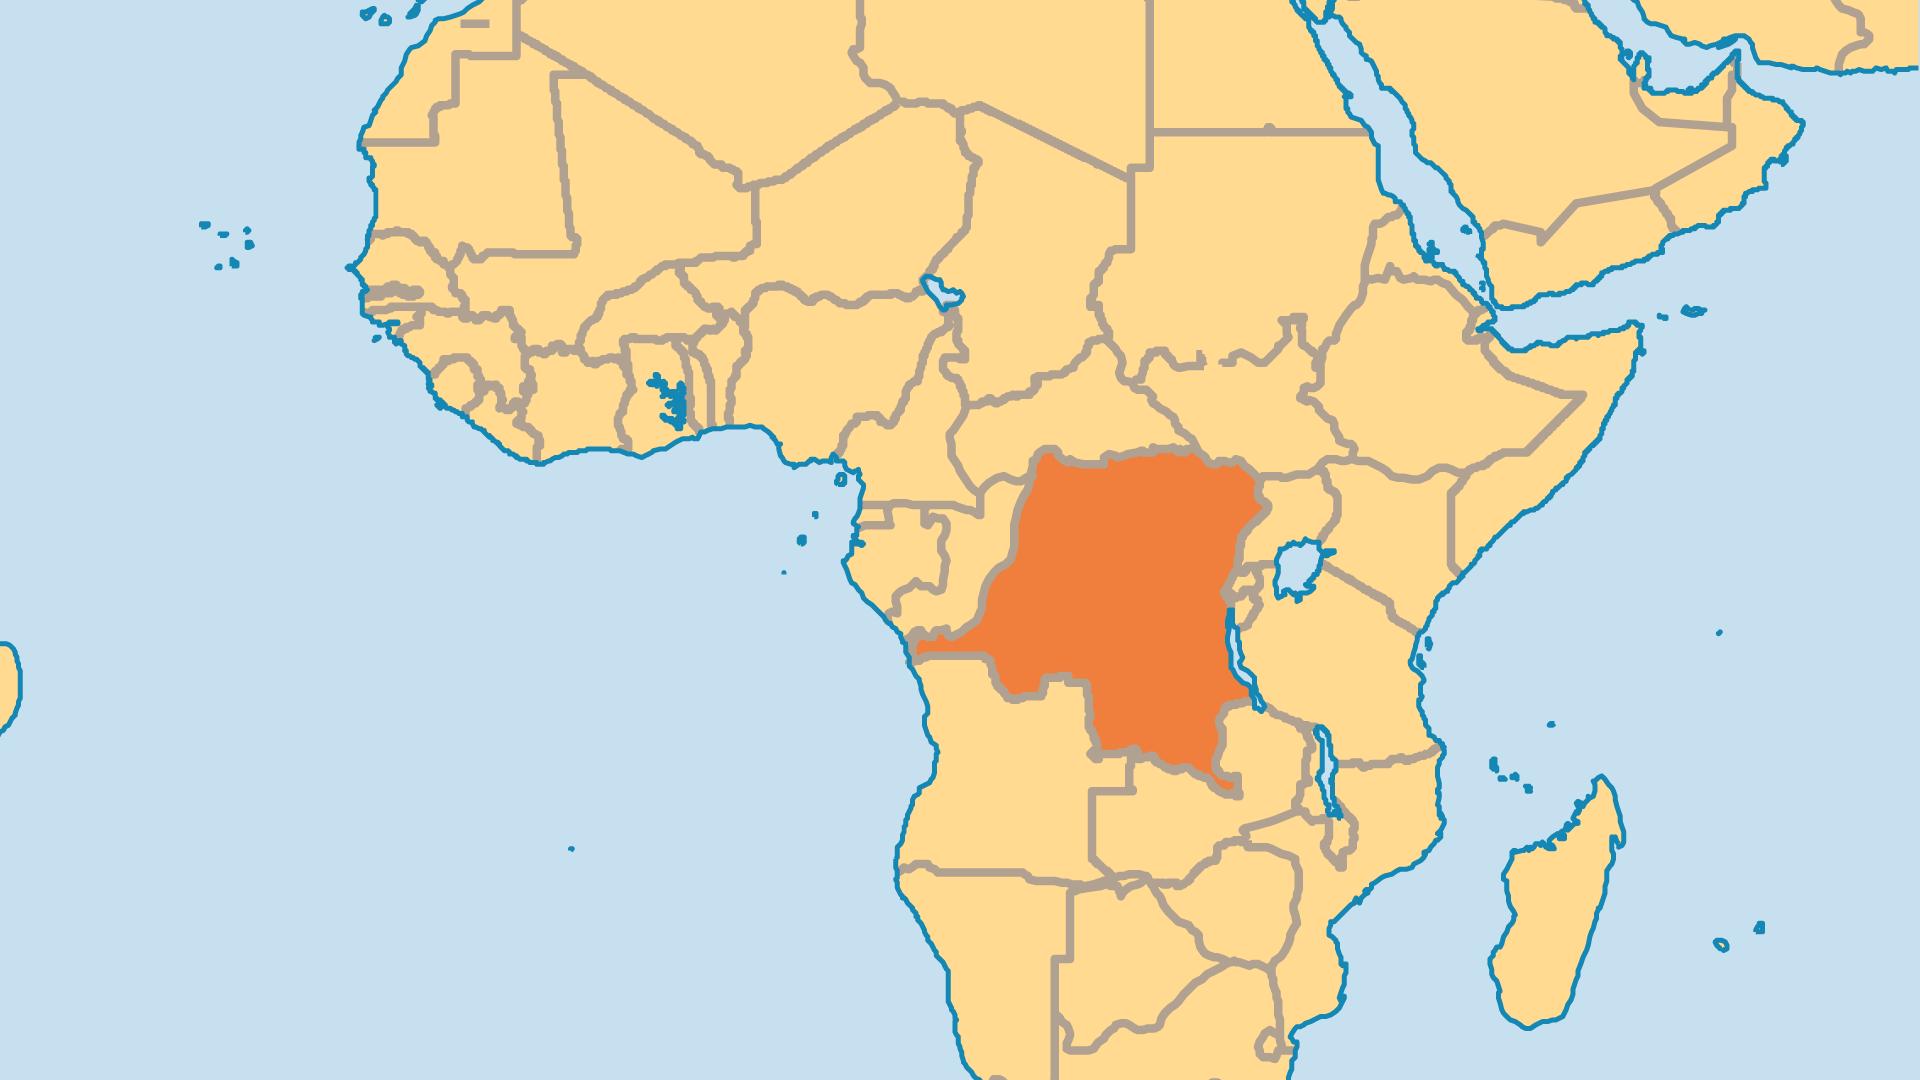 Locator Map for Democratic Republic of Congo (DRC)